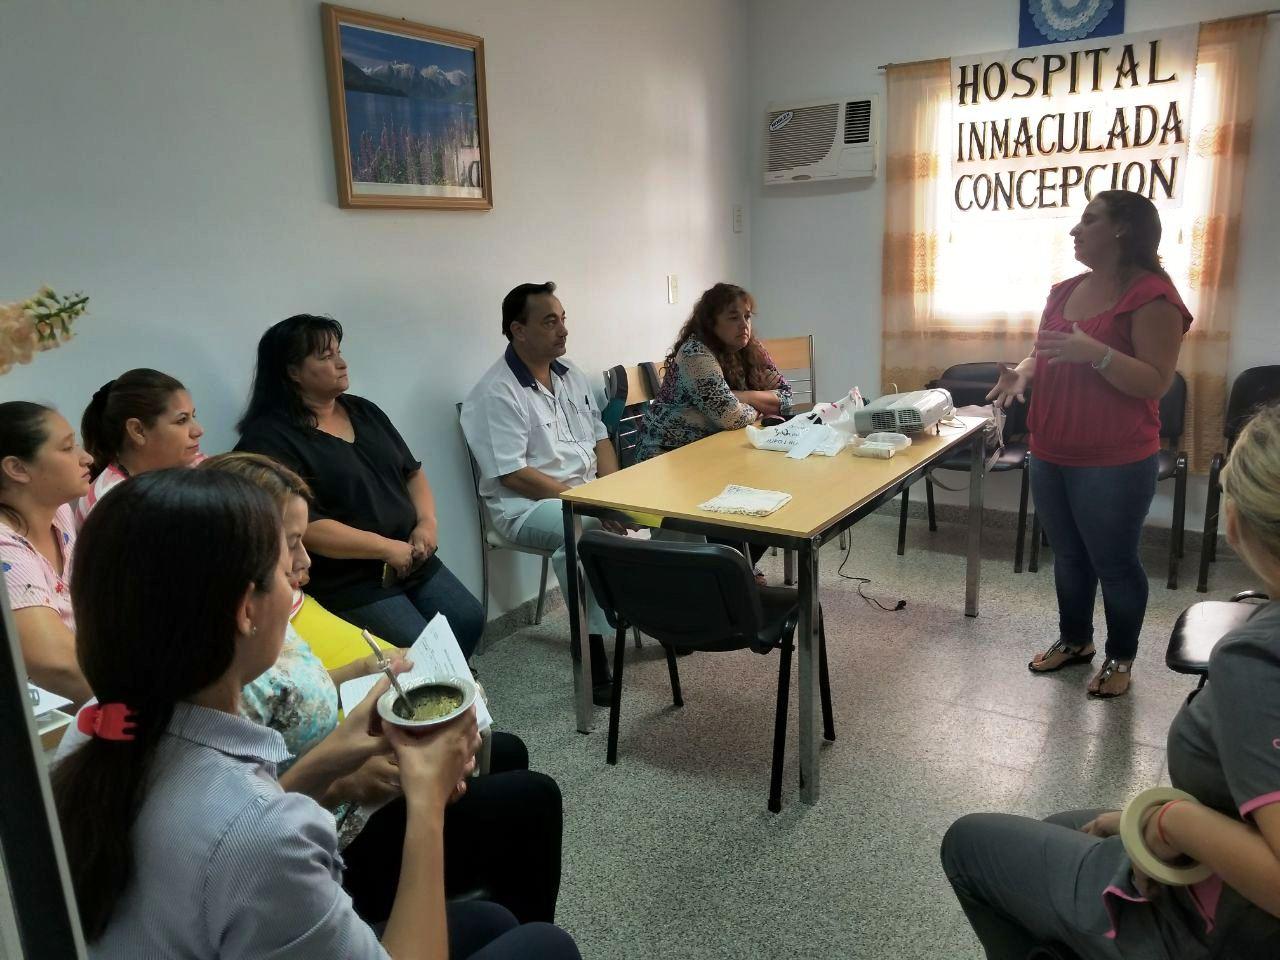 Se realizó una capacitación sobre enfermedades respiratorias en Ita Ibaté